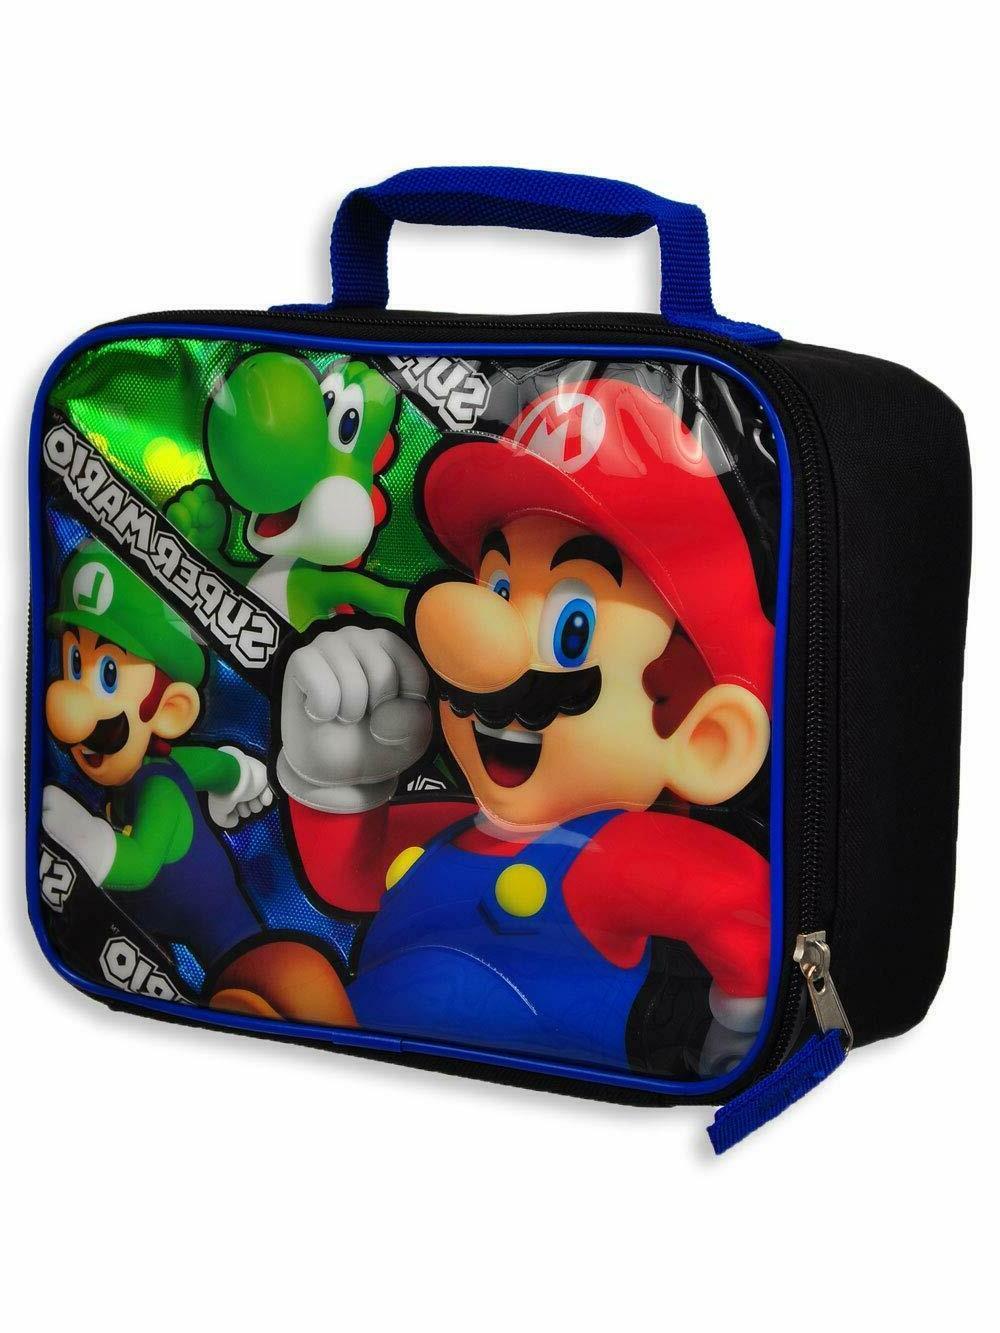 Super Mario Luigi Yoshi School Insulated Lunch Box Lunch Bag